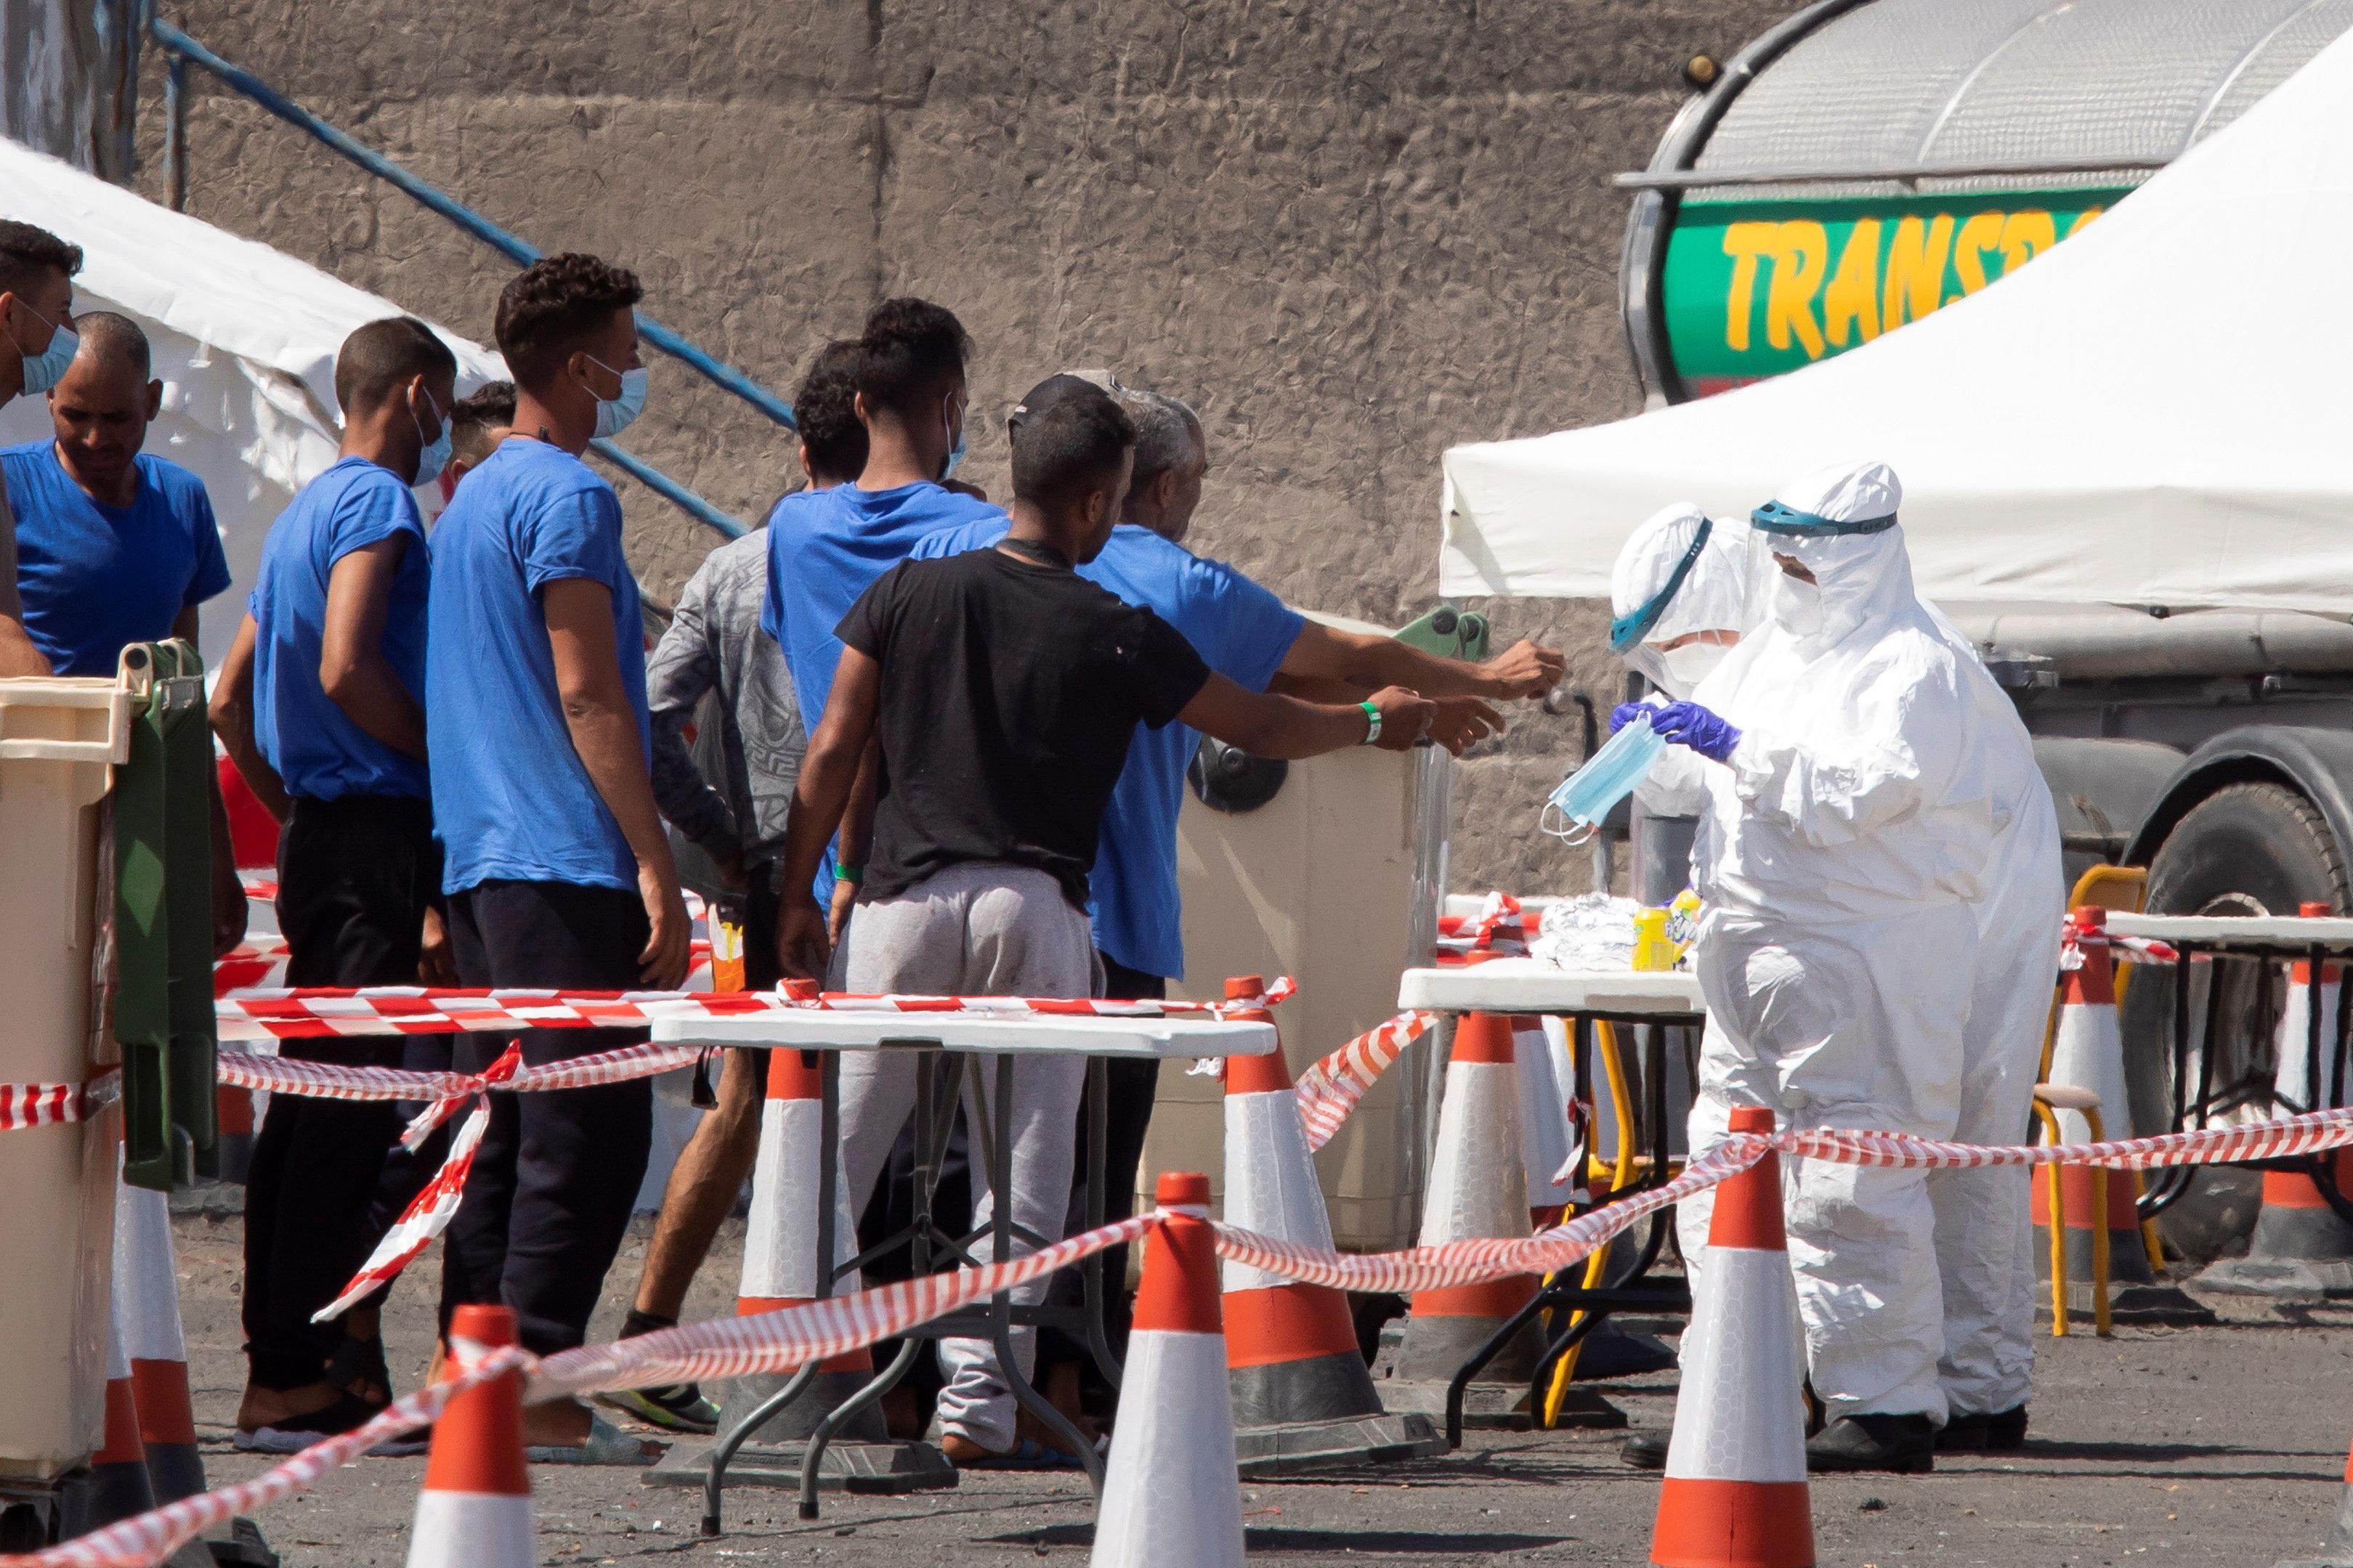 A járvány miatt még több migráns érkezhet Afrikából Európába